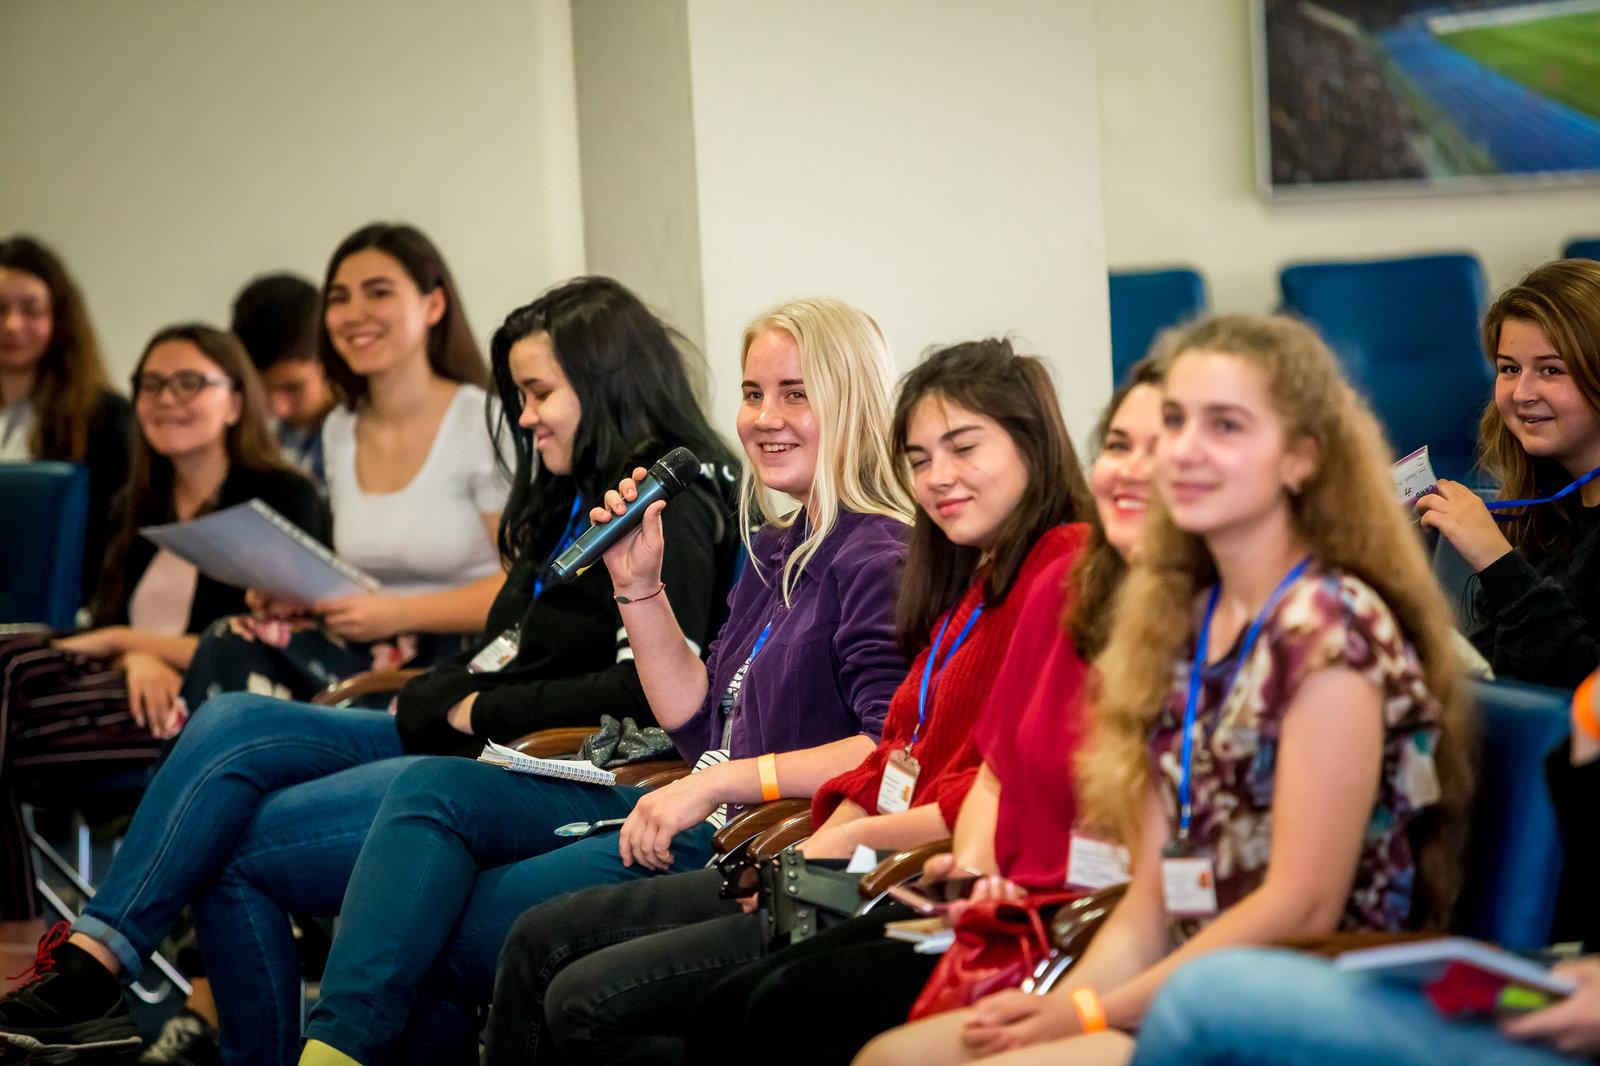 курсы для подростков Харьков, развитие подростков, тренинги для детей и подростков, развитие уверенности подростков